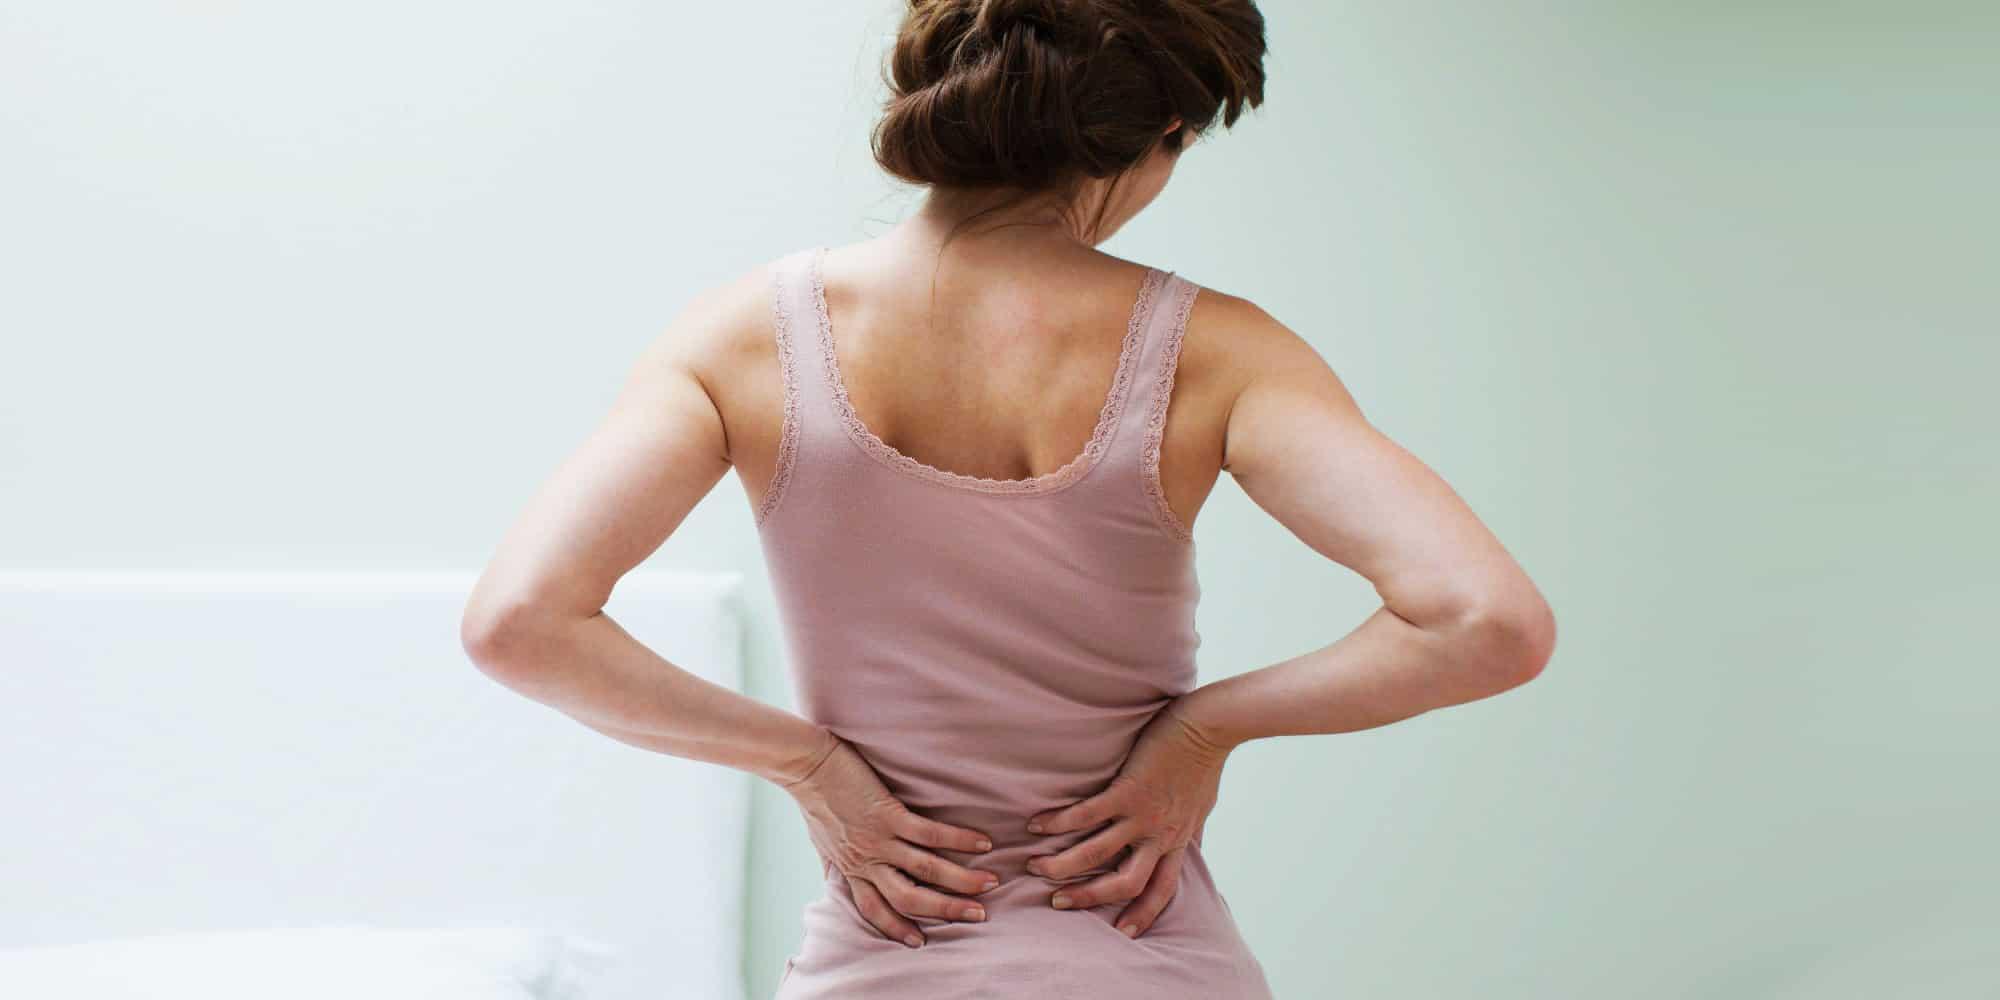 Дискомфорт в спине